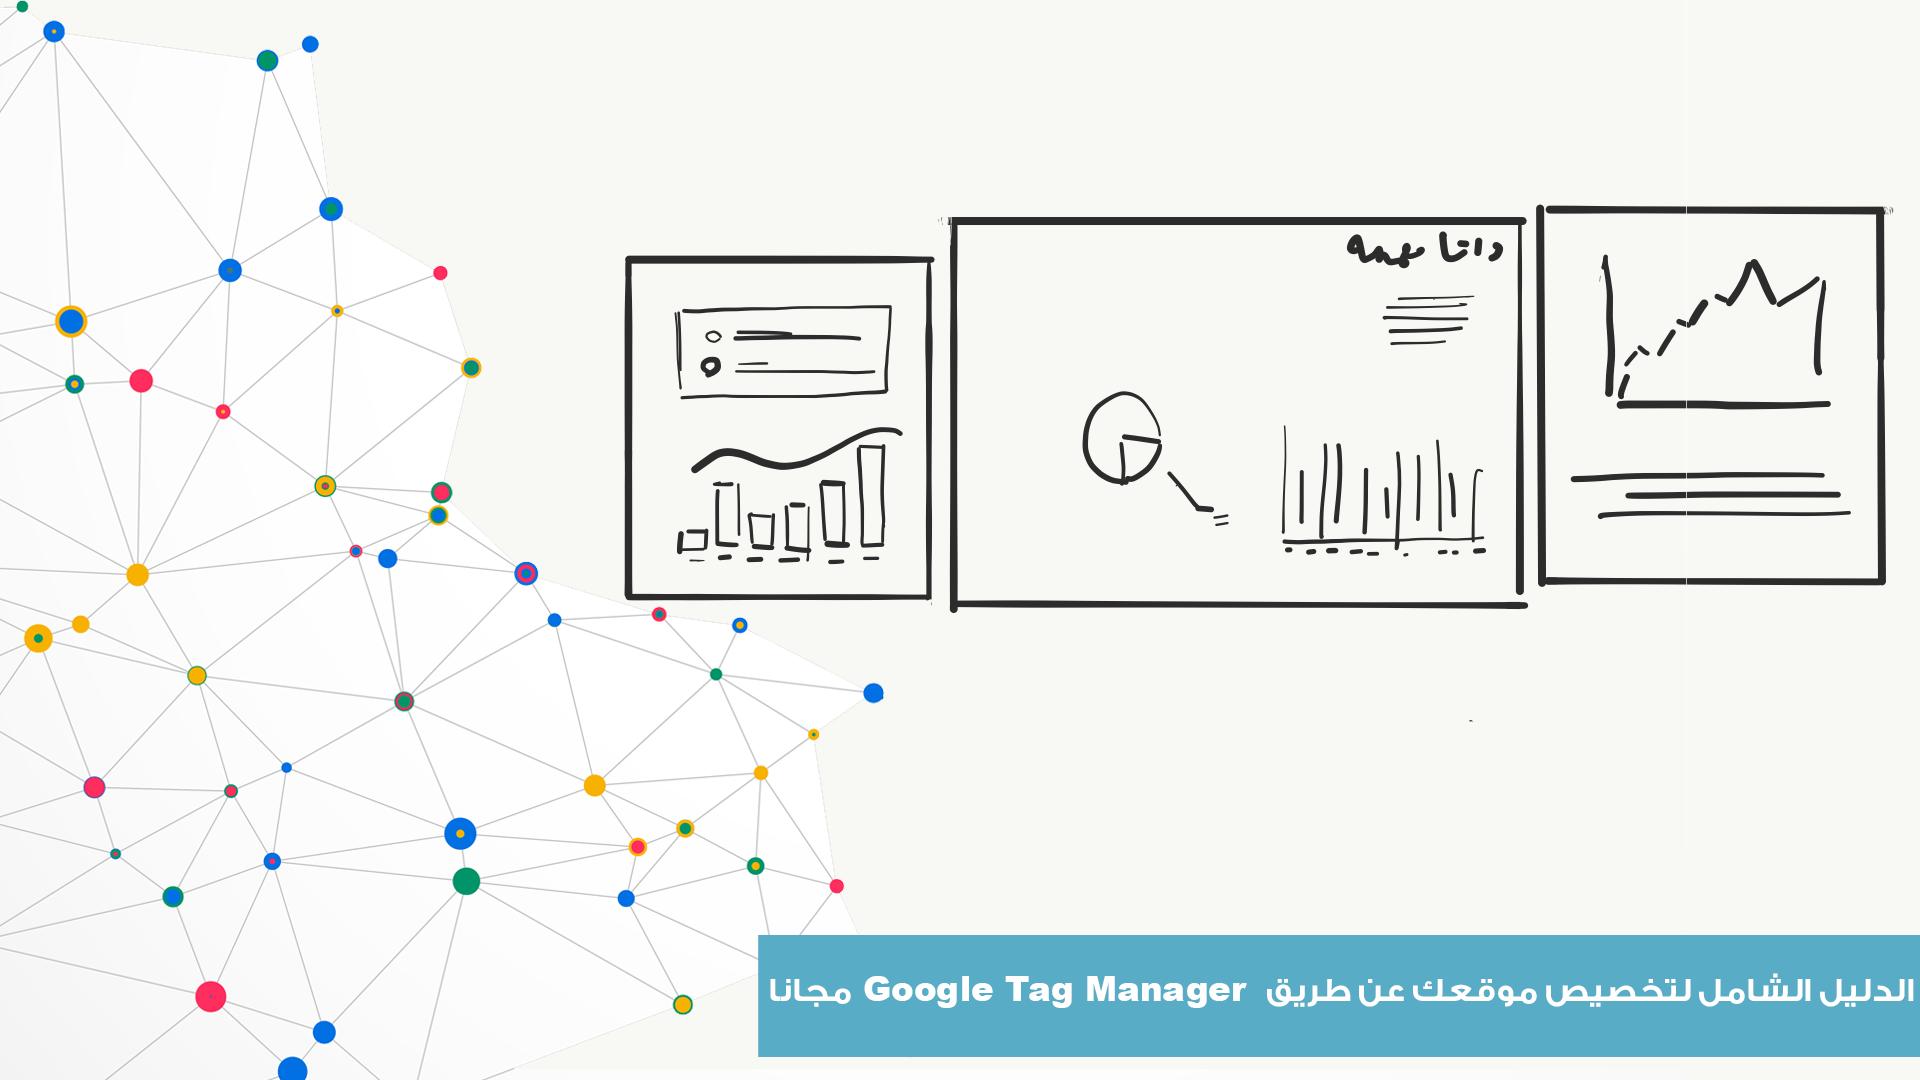 الدليل الشامل لتخصيص موقعك عن طريق Google Tag Manager مجانا